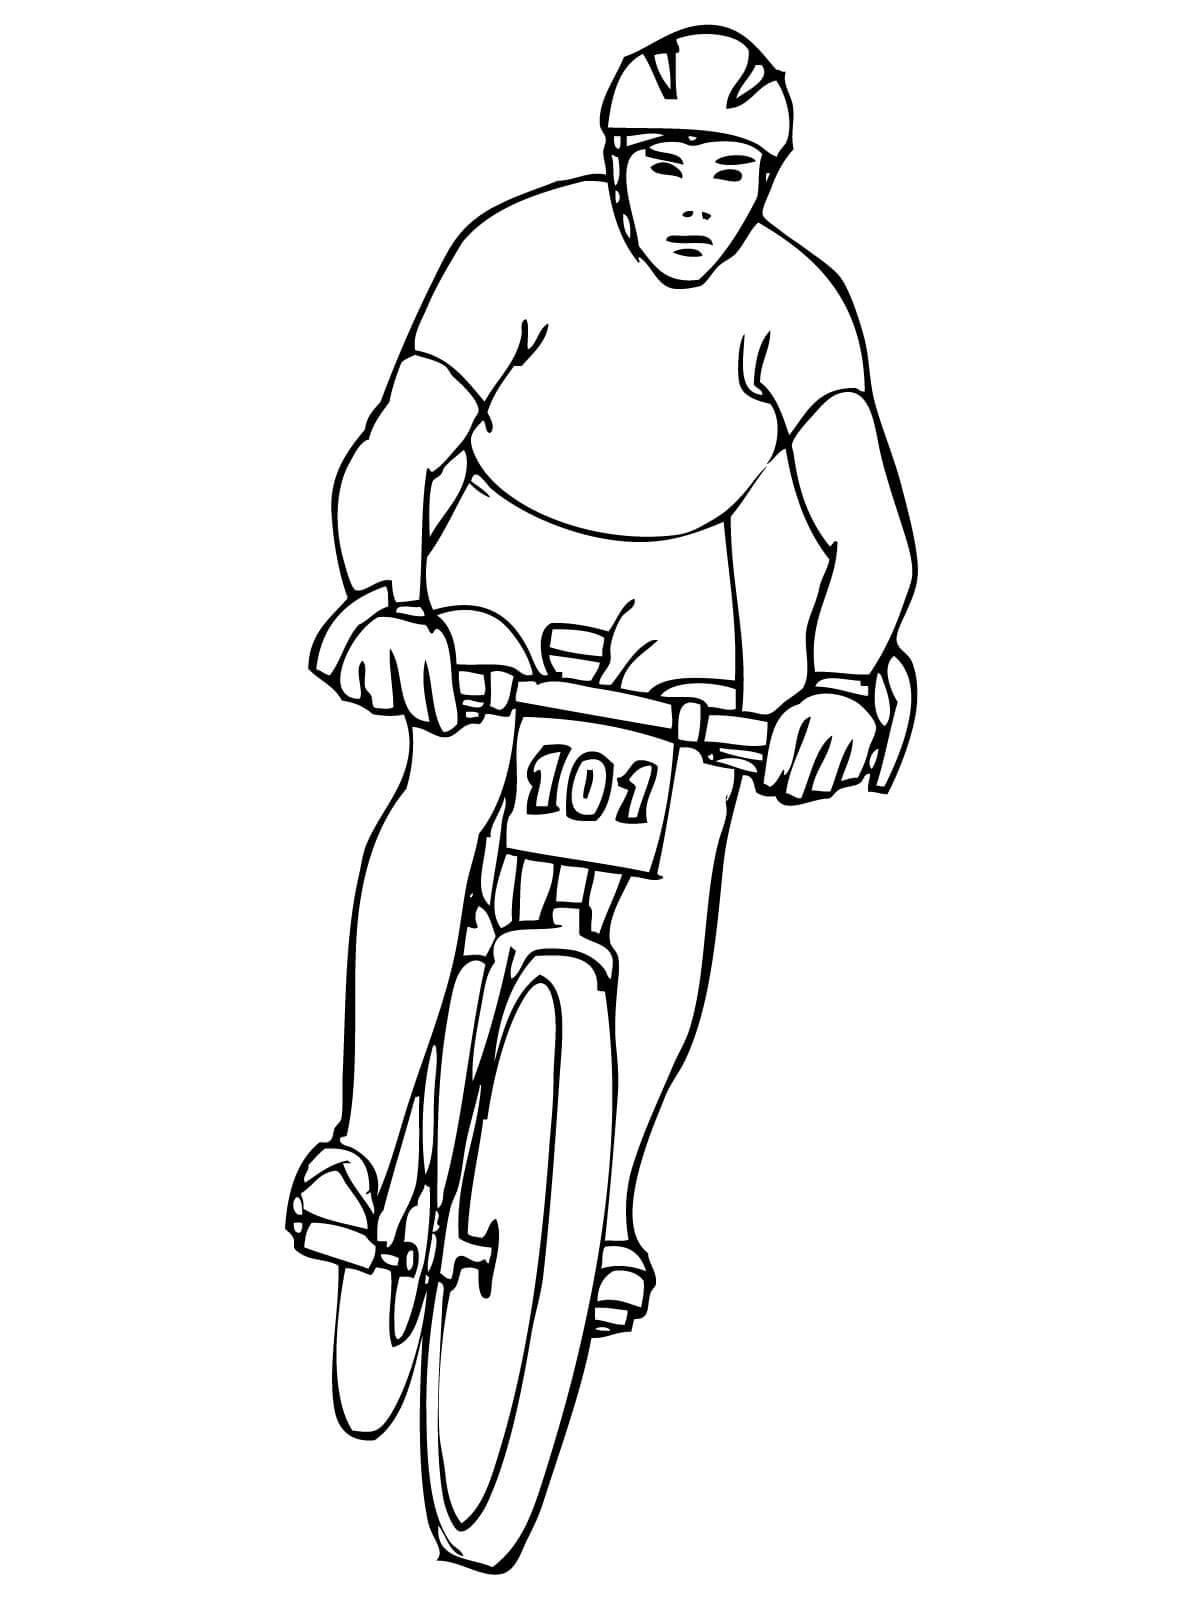 Велосипедист вид спереди, гонщик Раскраски для детей мальчиков